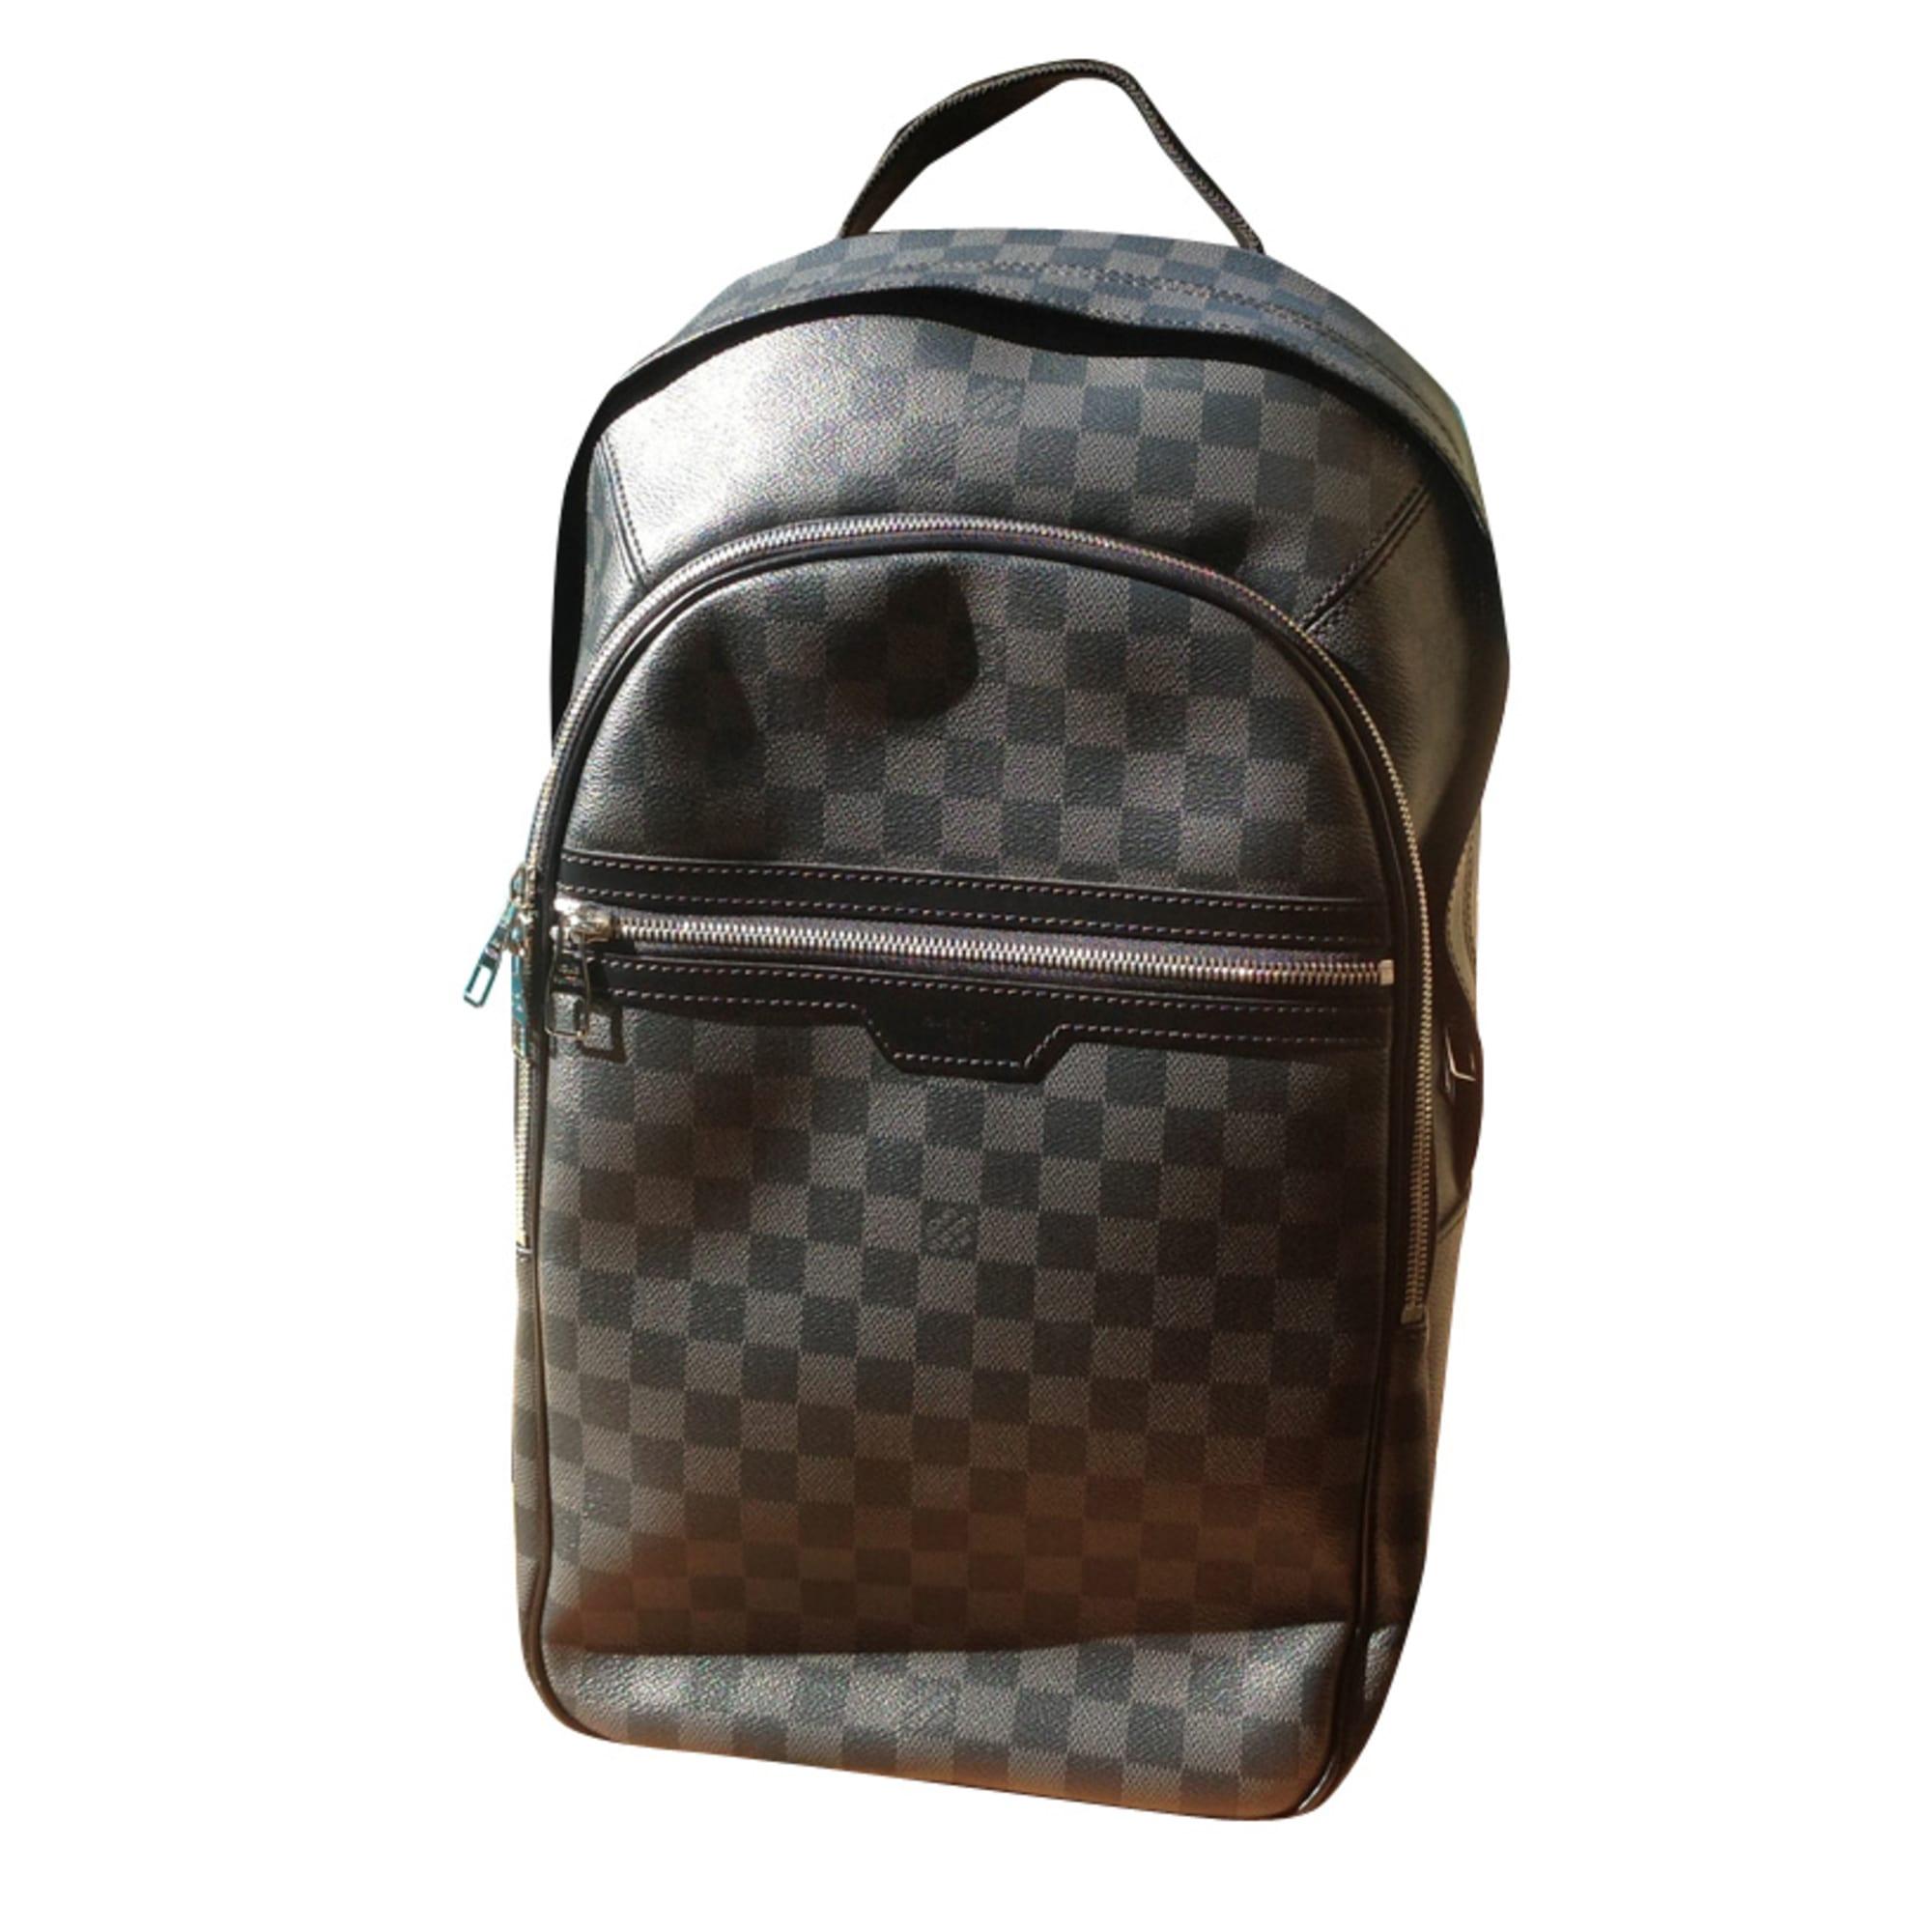 Sac à dos LOUIS VUITTON noir vendu par Le vide-dressing luxe- - 1488422 66f5a82f4e3